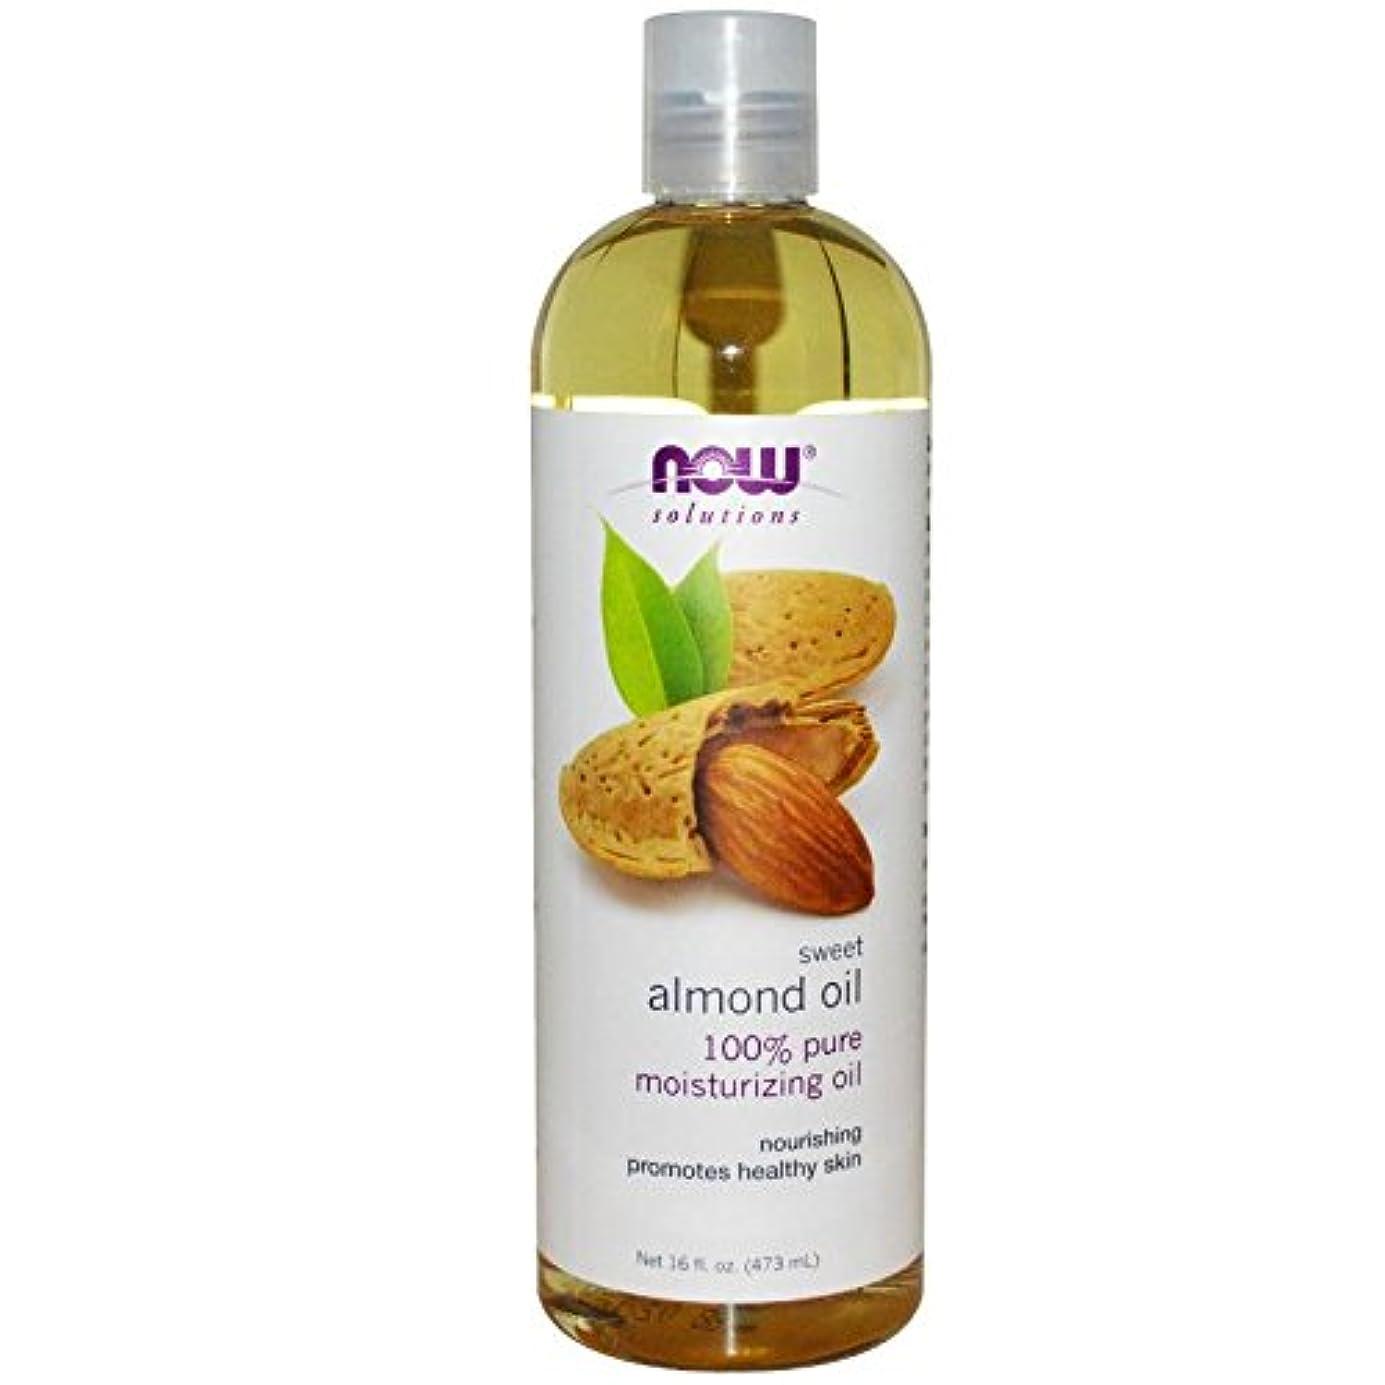 黄ばむカビトリム【国内発送】 Now Solutions Sweet Almond Oil 16 oz. (473ml) [並行輸入品]